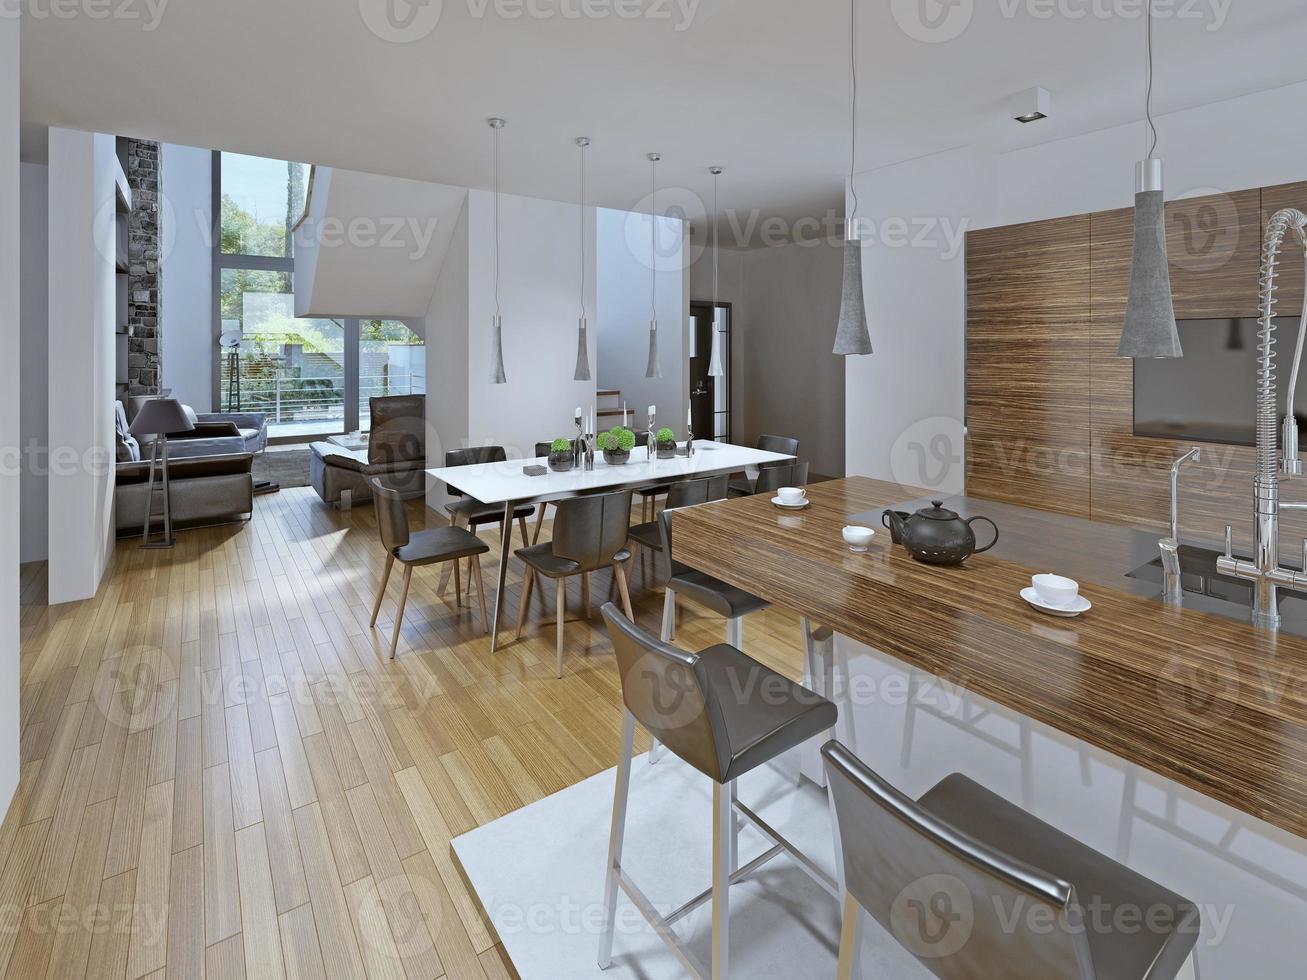 keuken met eethoek foto